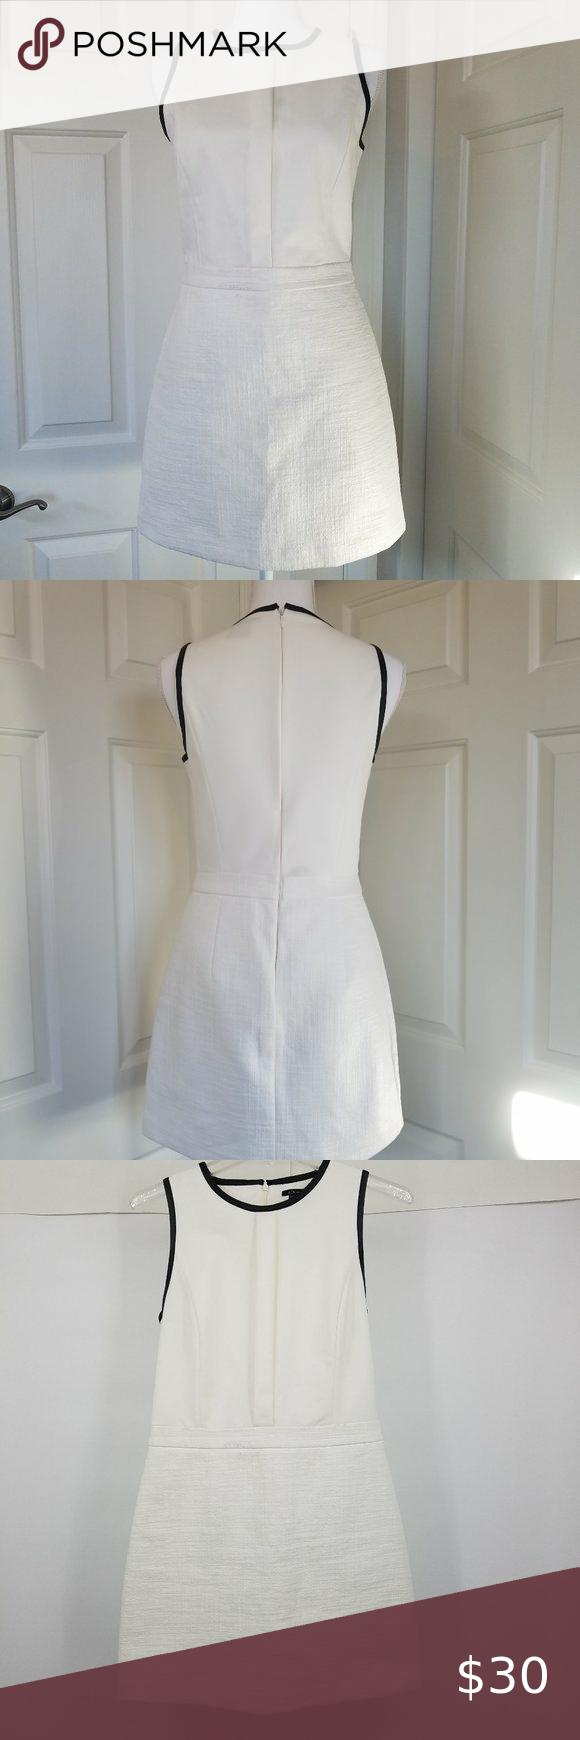 A X Armani Exchange White Faux Leather Dress Faux Leather Dress White Faux Leather Leather Dress [ 1740 x 580 Pixel ]